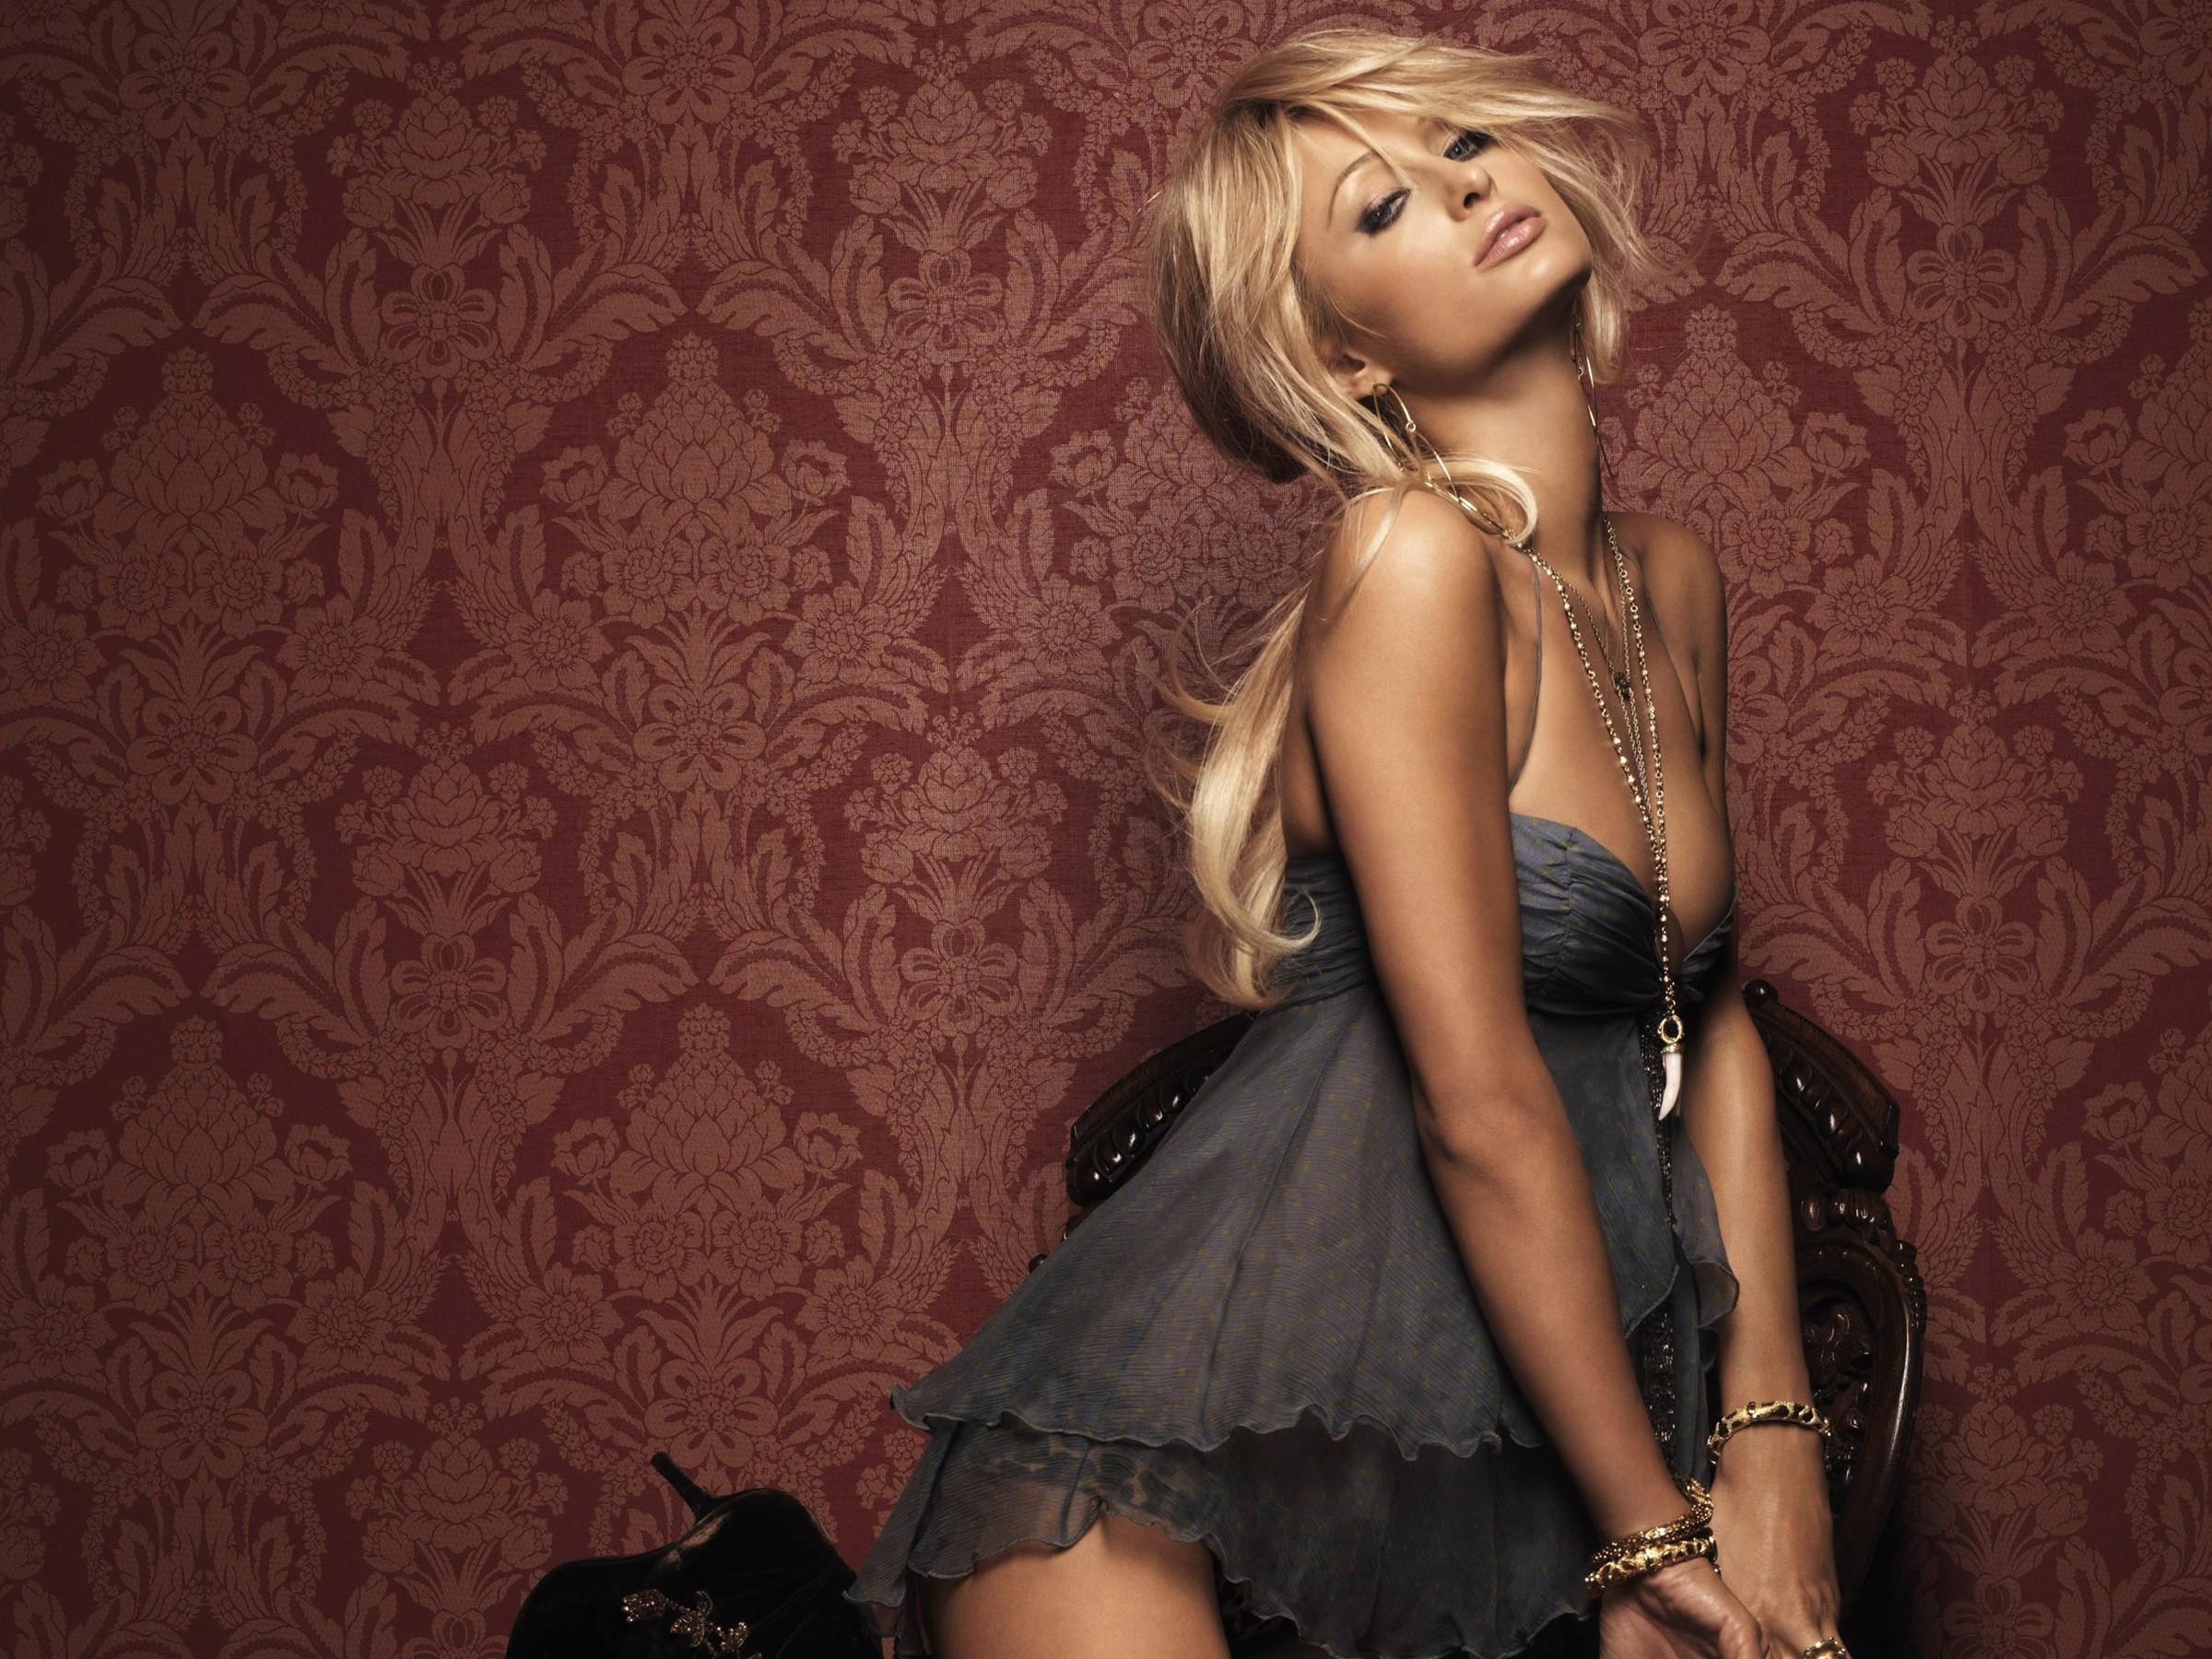 Paris Hilton For Desktop